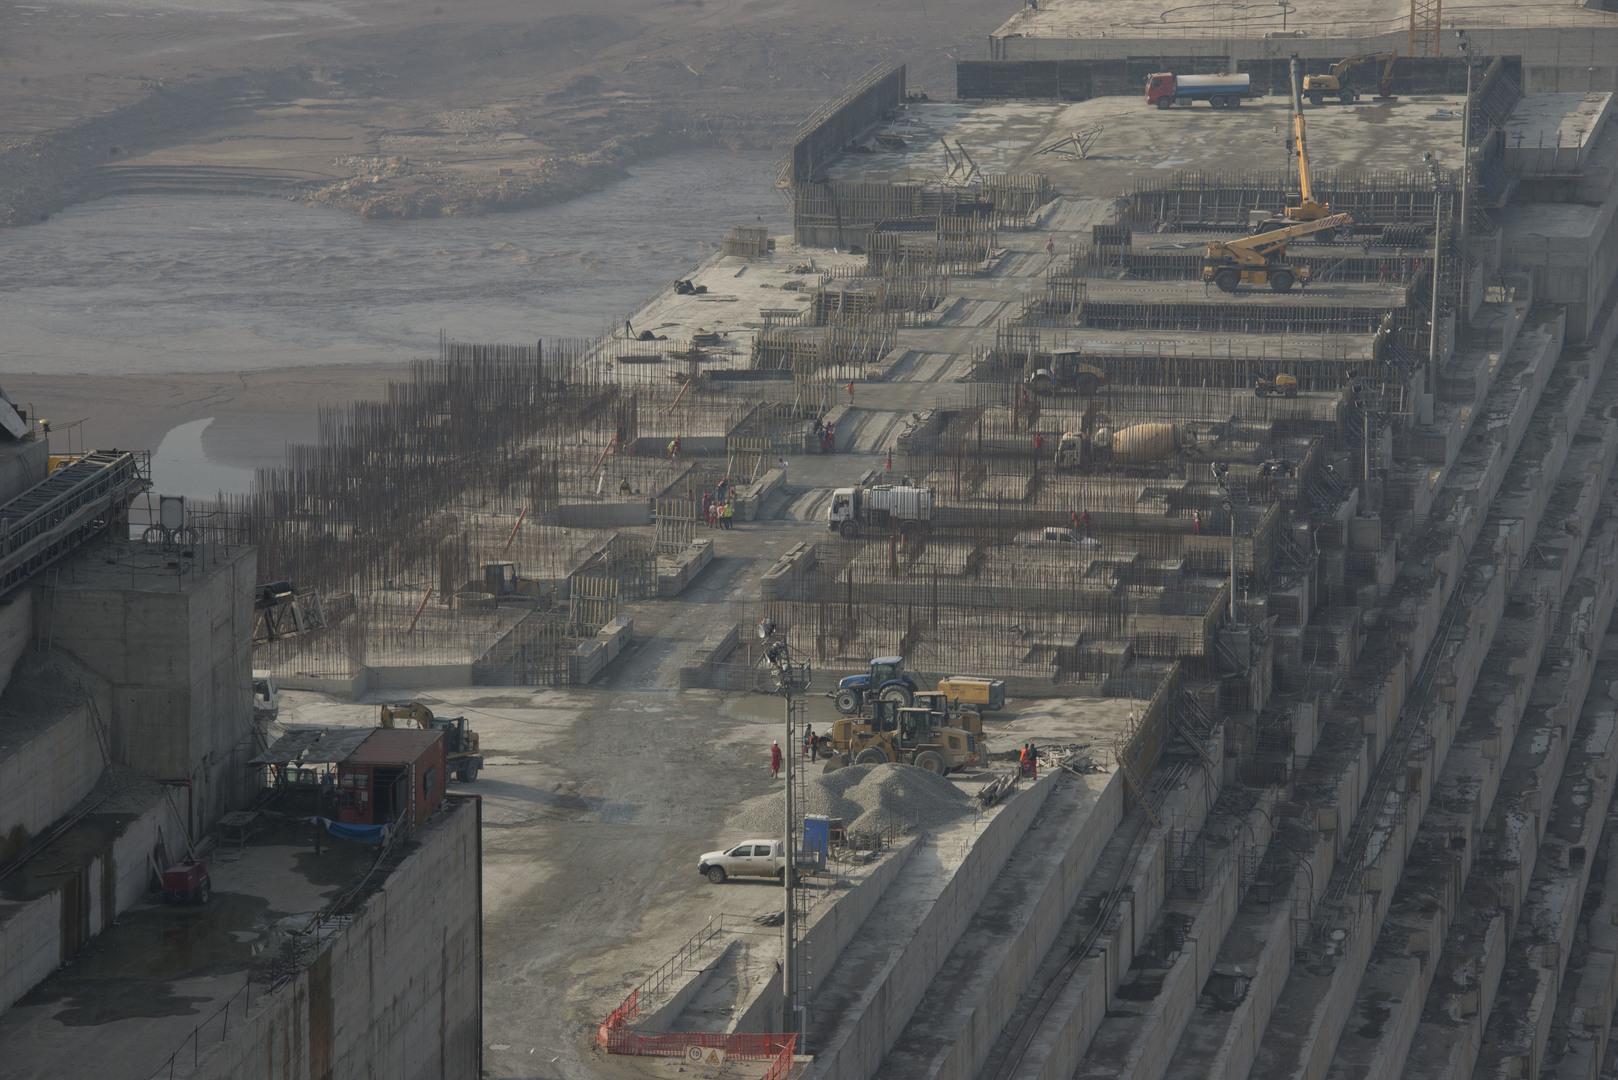 خبير مصري: حجز 75 مليار متر مكعب من المياه خلف سد النهضة ليس بالأمر الهين